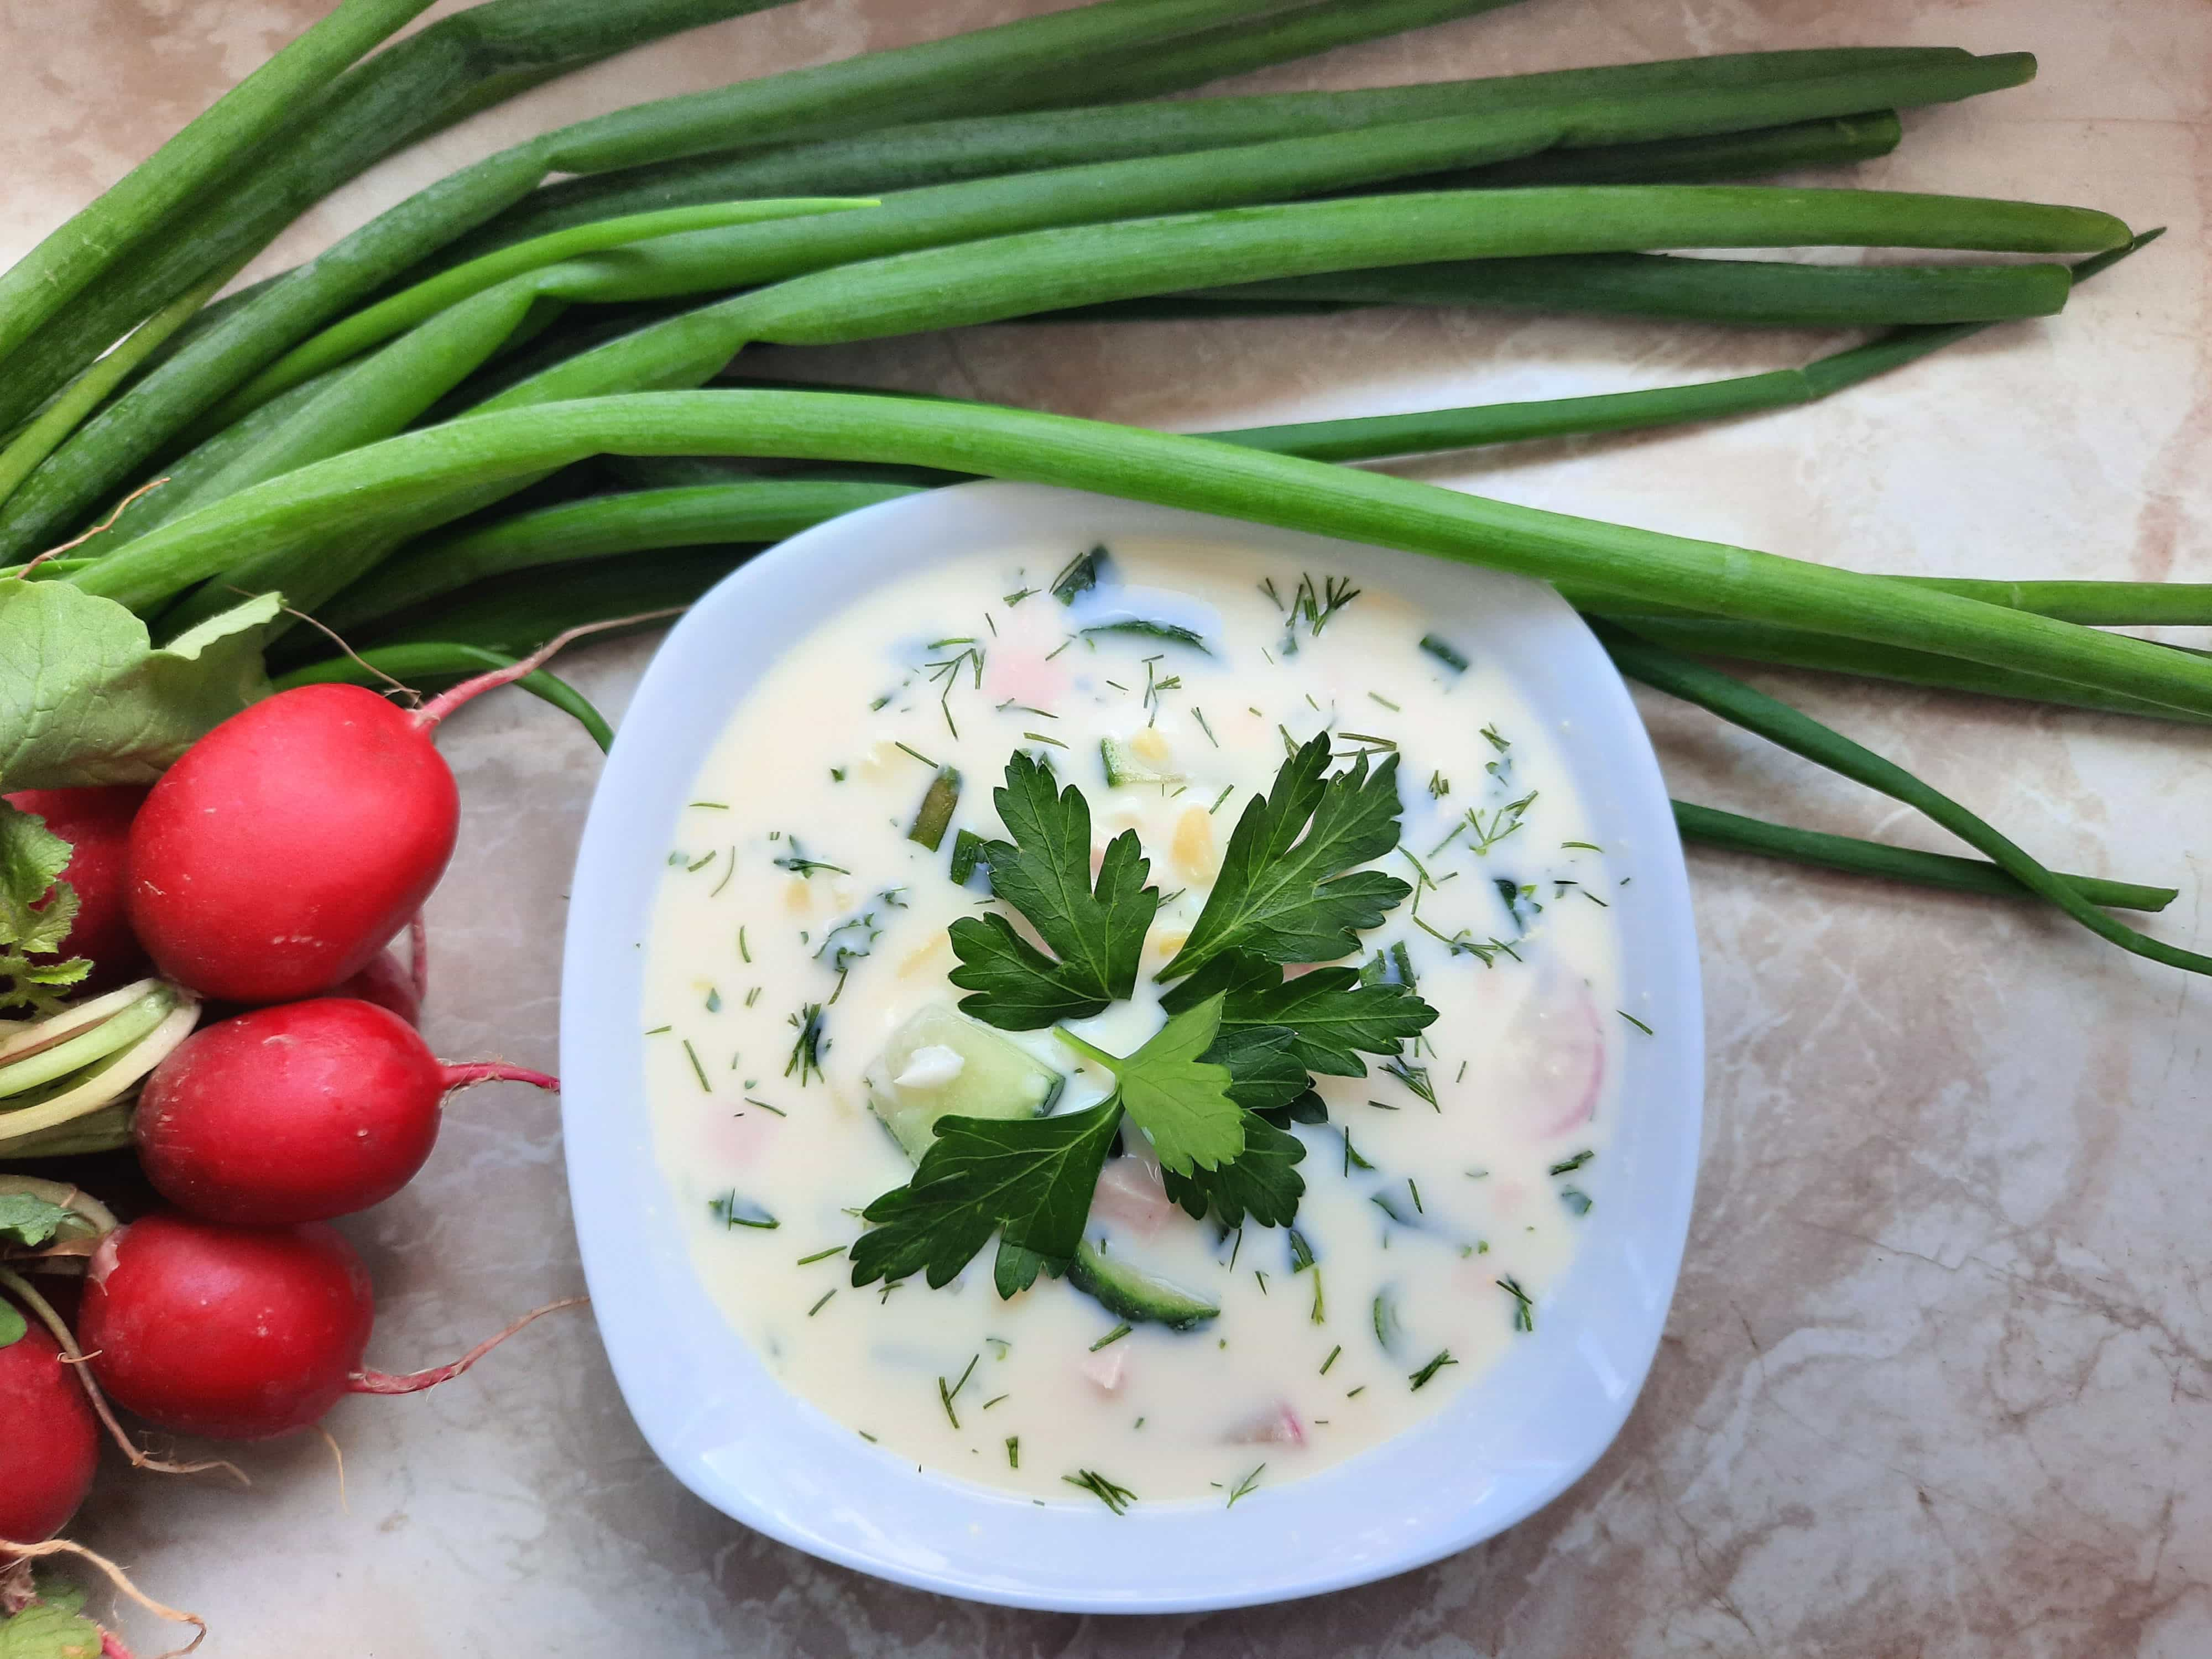 Okroschka-gesunde kalte Suppe nach russischer Art!